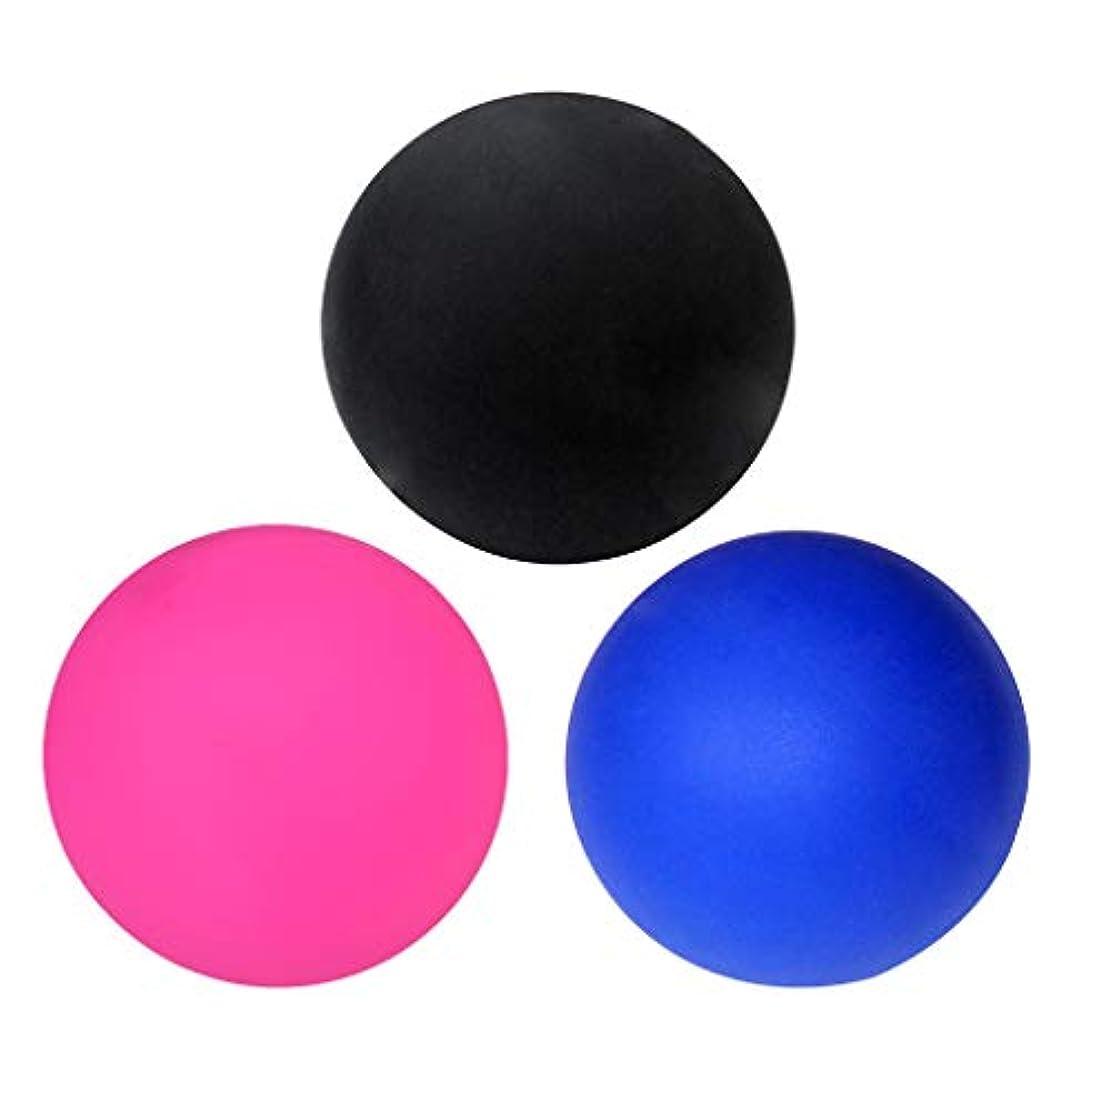 頑固なグローバル迷路P Prettyia マッサージボール ラクロスボール トリガーポイント ヨガ エクササイズボール 健康グッズ 3個入